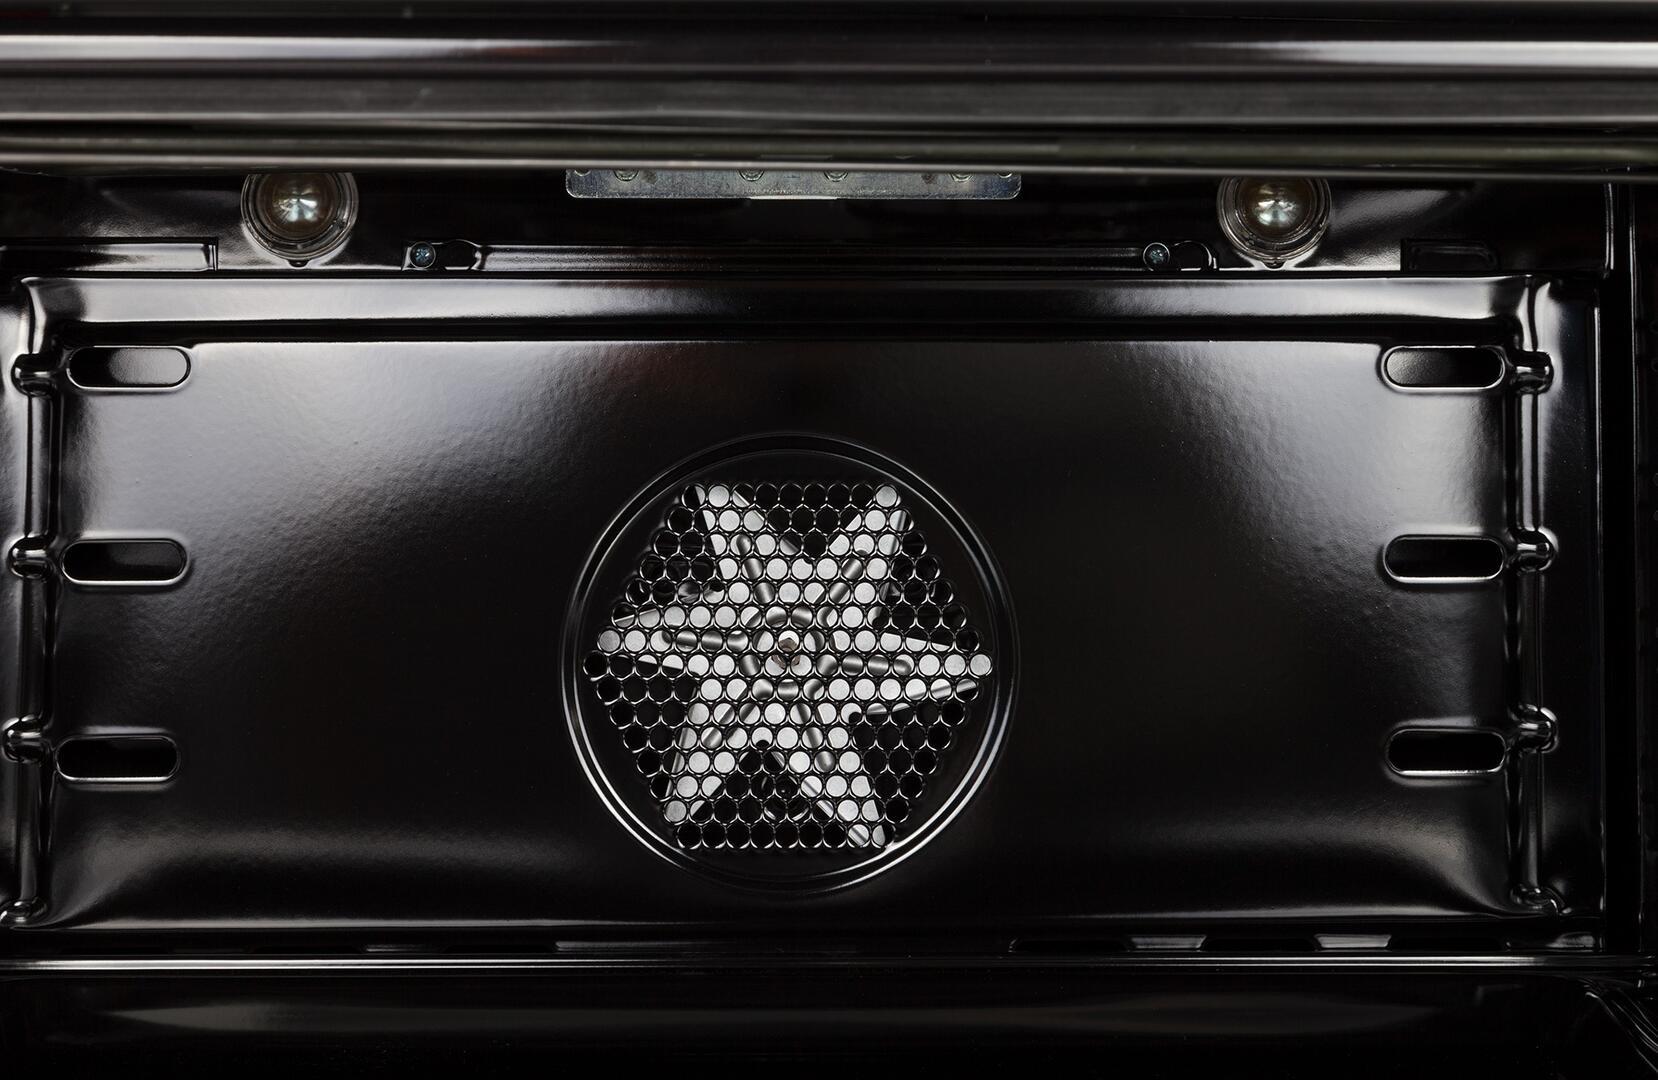 Ilve Nostalgie UPN60DMPN Freestanding Dual Fuel Range Black, 21